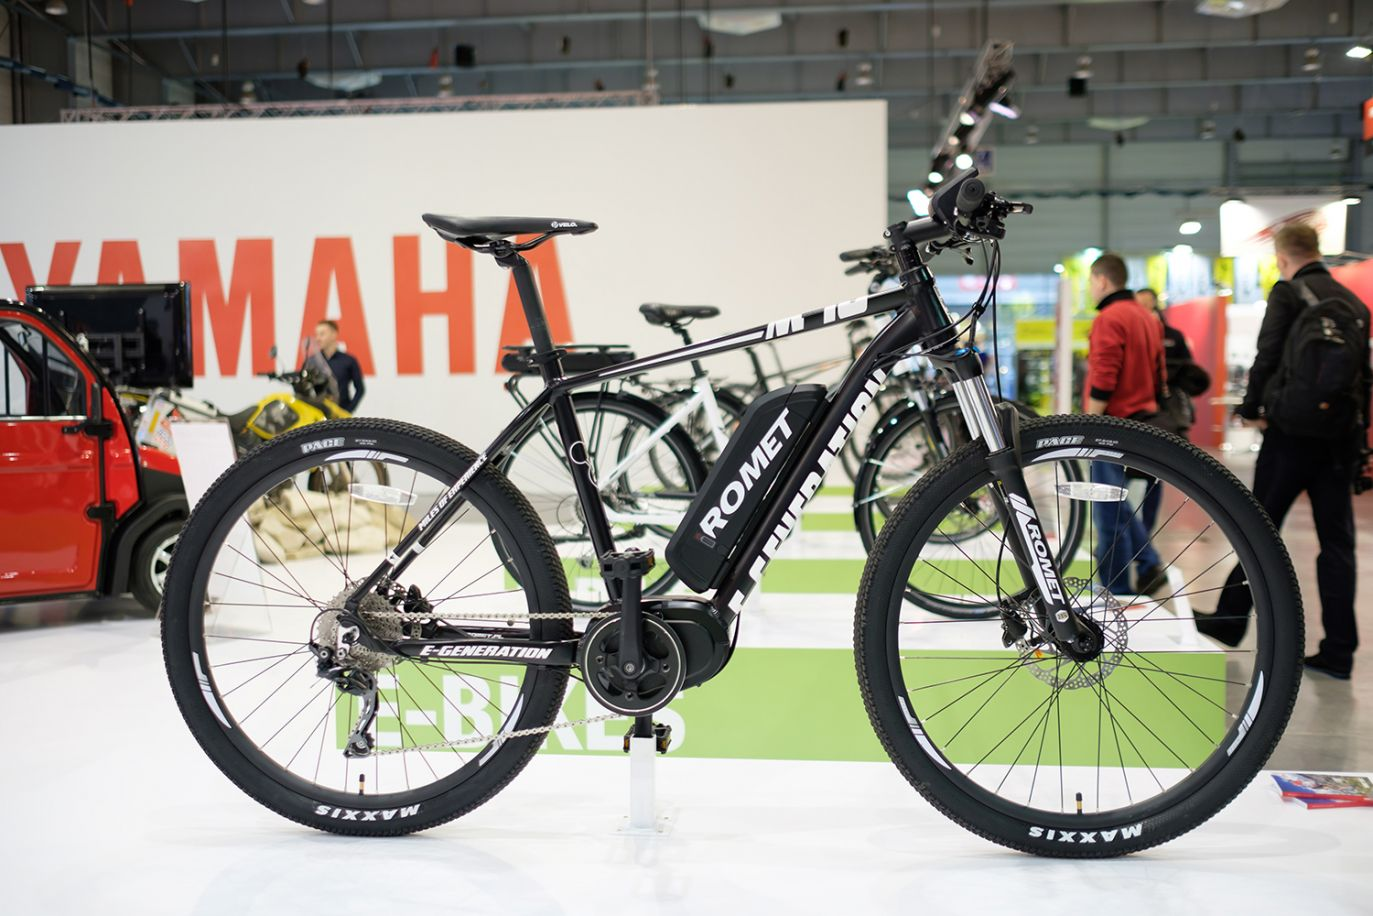 Rower z napędem elektrycznym polskiej marki Romet (fot. PAP/Jakub Kaczmarczyk)